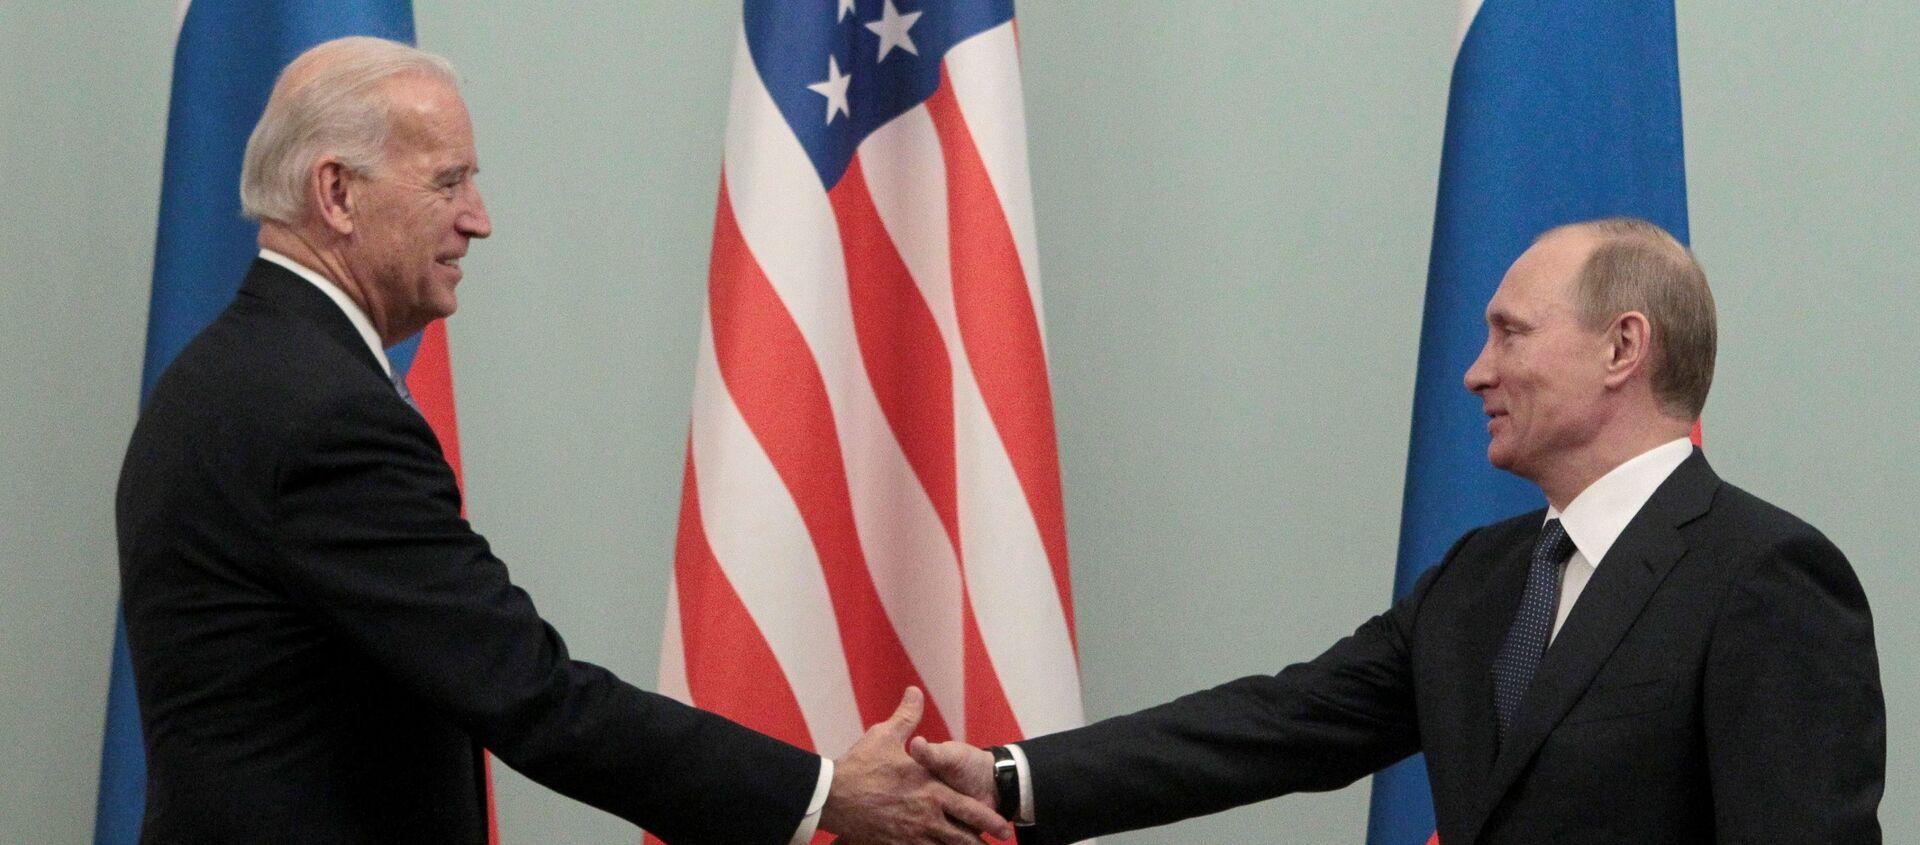 FILE PHOTO: Thủ tướng Nga Vladimir Putin (R) bắt tay Hoa Kỳ Phó Tổng thống Joe Biden trong cuộc gặp của họ tại Moscow ngày 10 tháng 3 năm 2011. - Sputnik Việt Nam, 1920, 03.06.2021